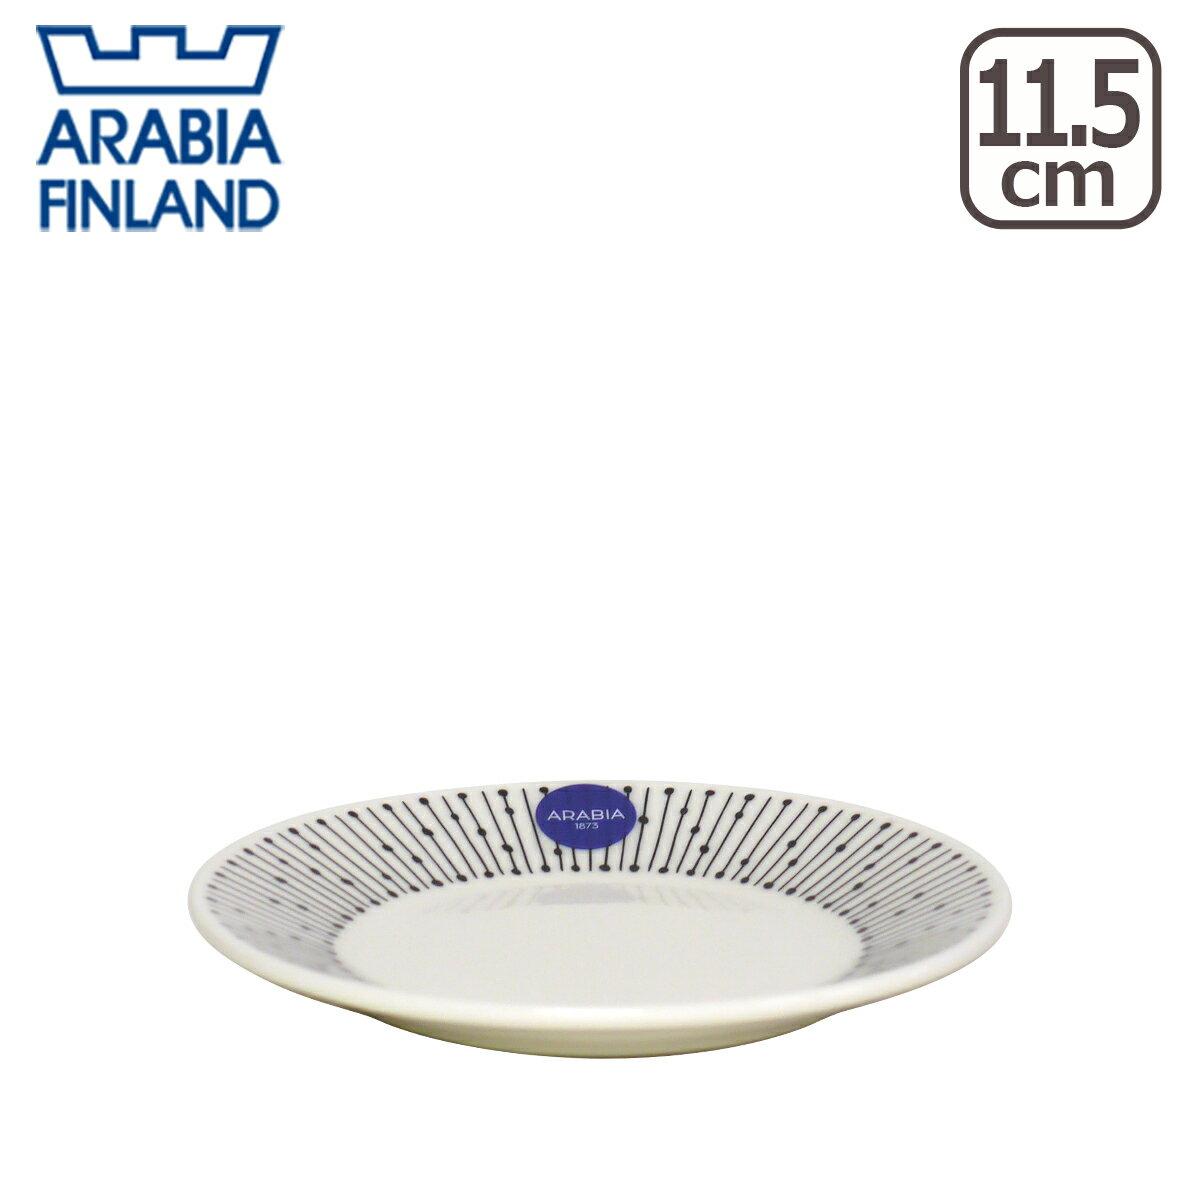 アラビア(Arabia) マイニオ(Mainio) SARASTUS プレート11.5cm 北欧 フィンランド 食器 Arabia 食器洗い機 対応